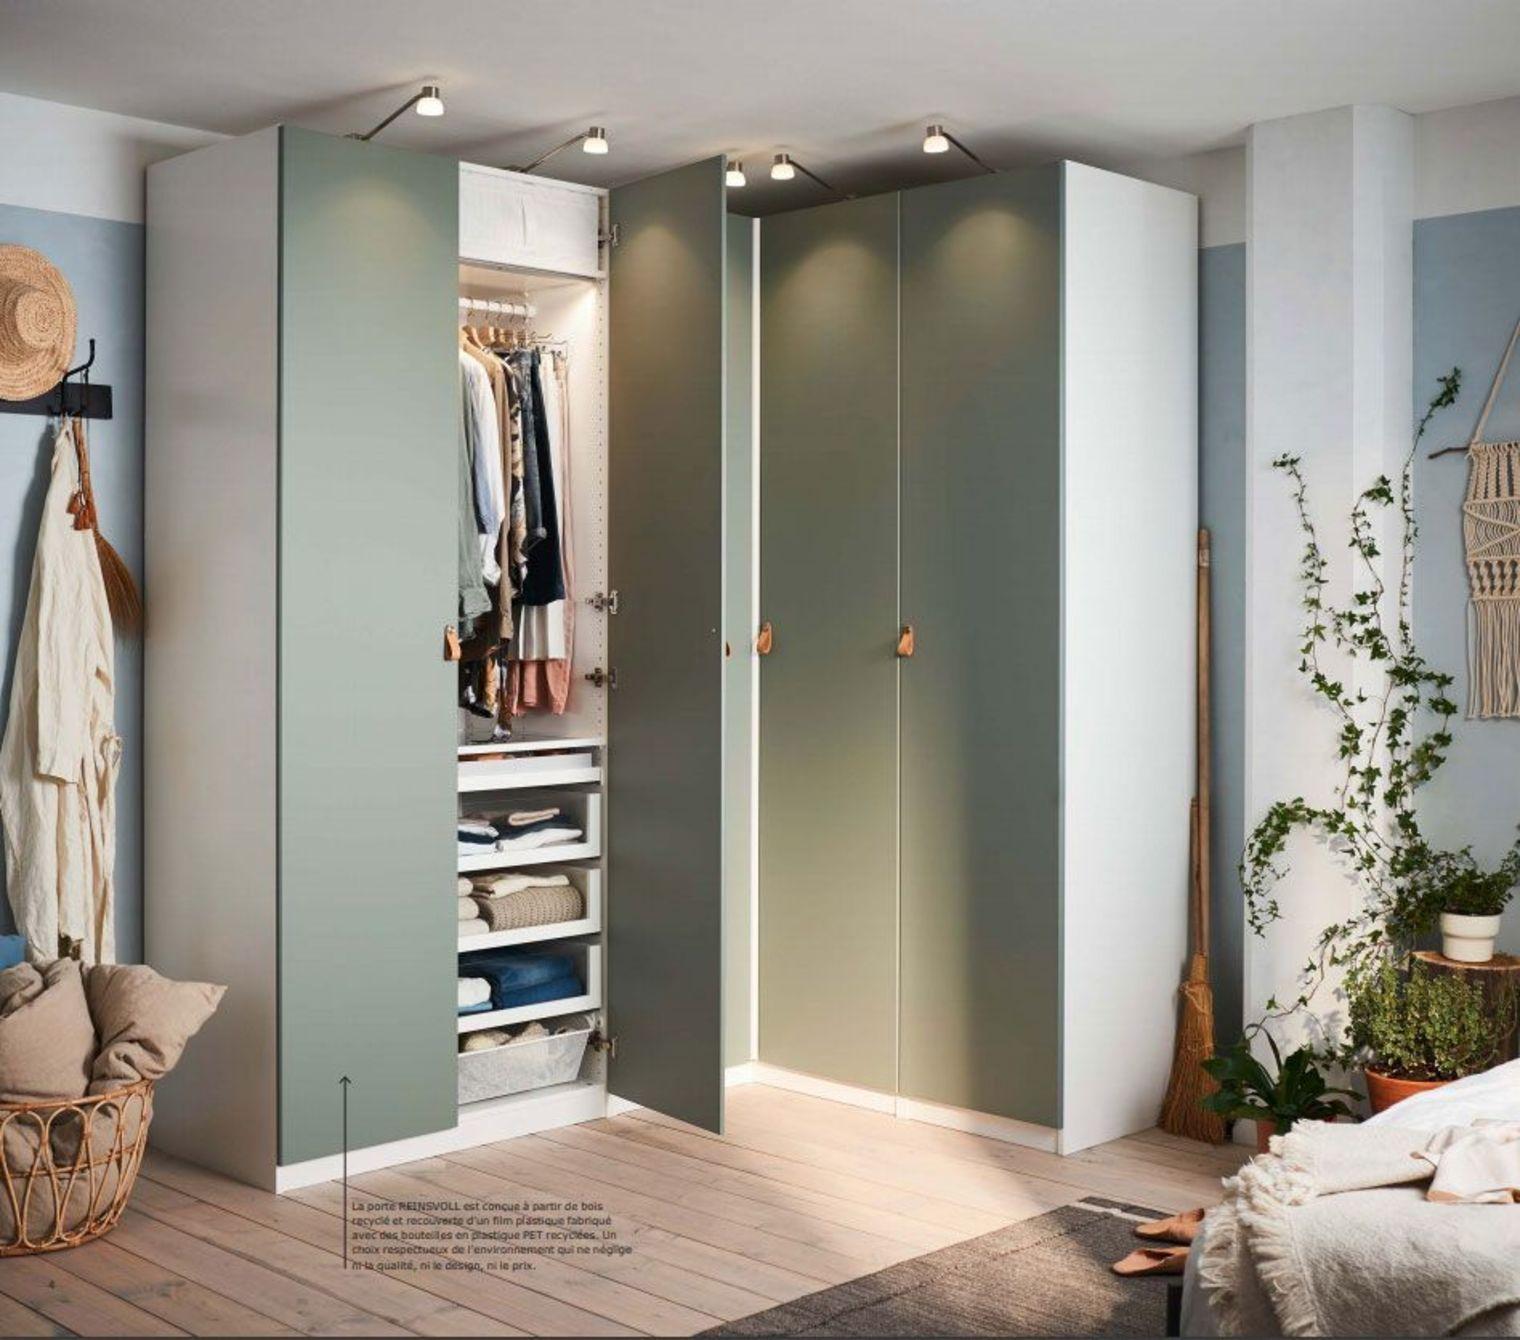 Catalogue Armoires Et Dressings Ikea 2019 Rangements Pratiques Ikea Ikea Armoire Chambre Mobilier De Salon